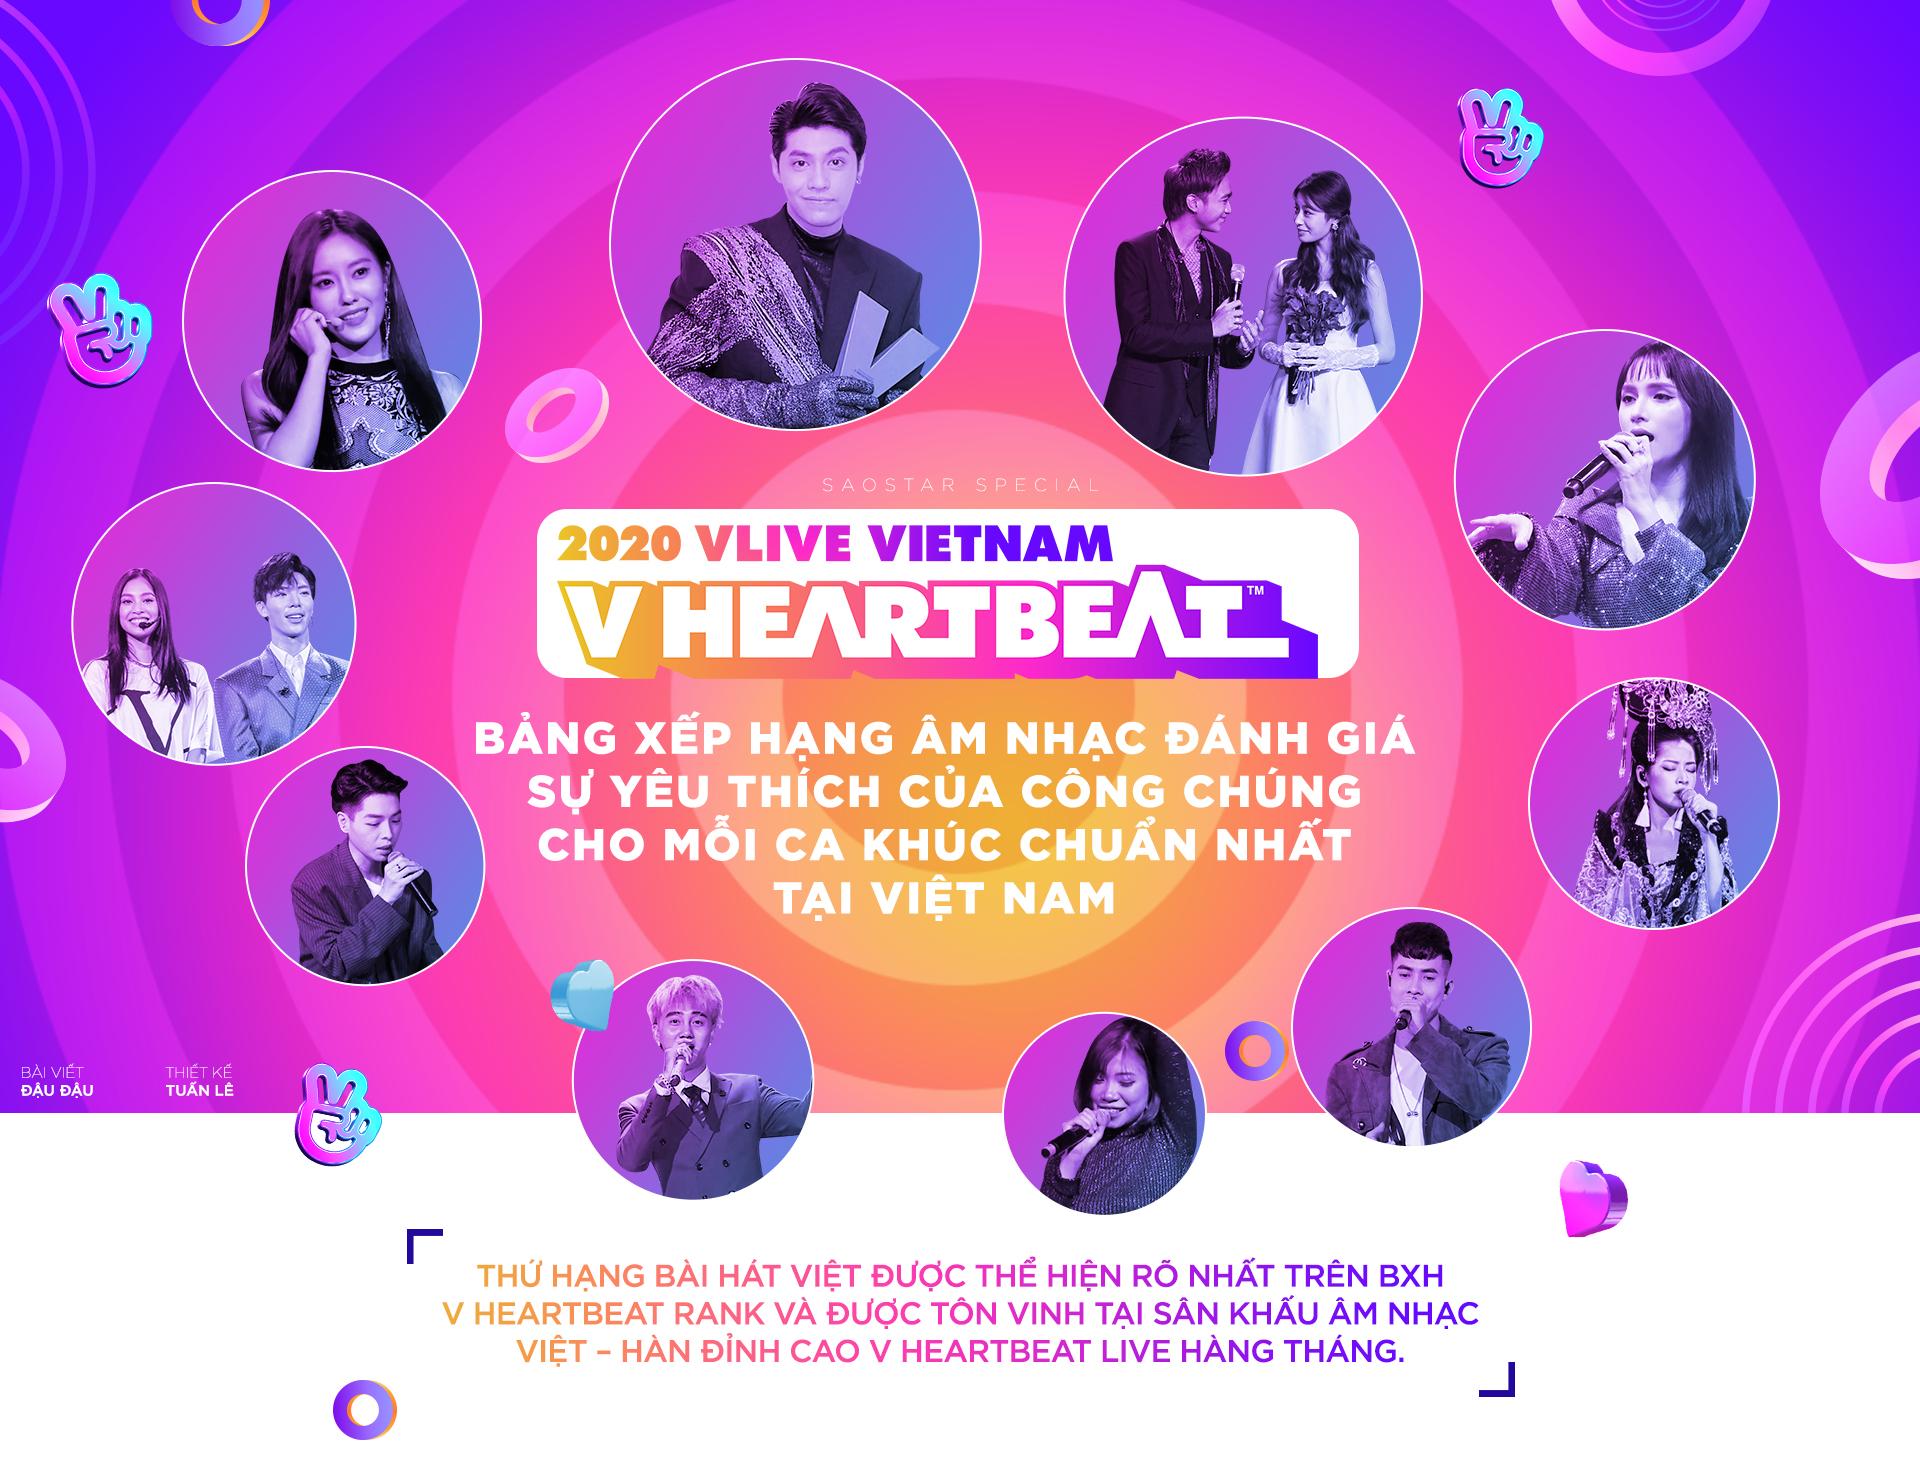 V Heartbeat Rank: Bảng xếp hạng âm nhạc đánh giá sự yêu thích của công chúng cho mỗi ca khúc chuẩn nhất tại Việt Nam? Ảnh 1